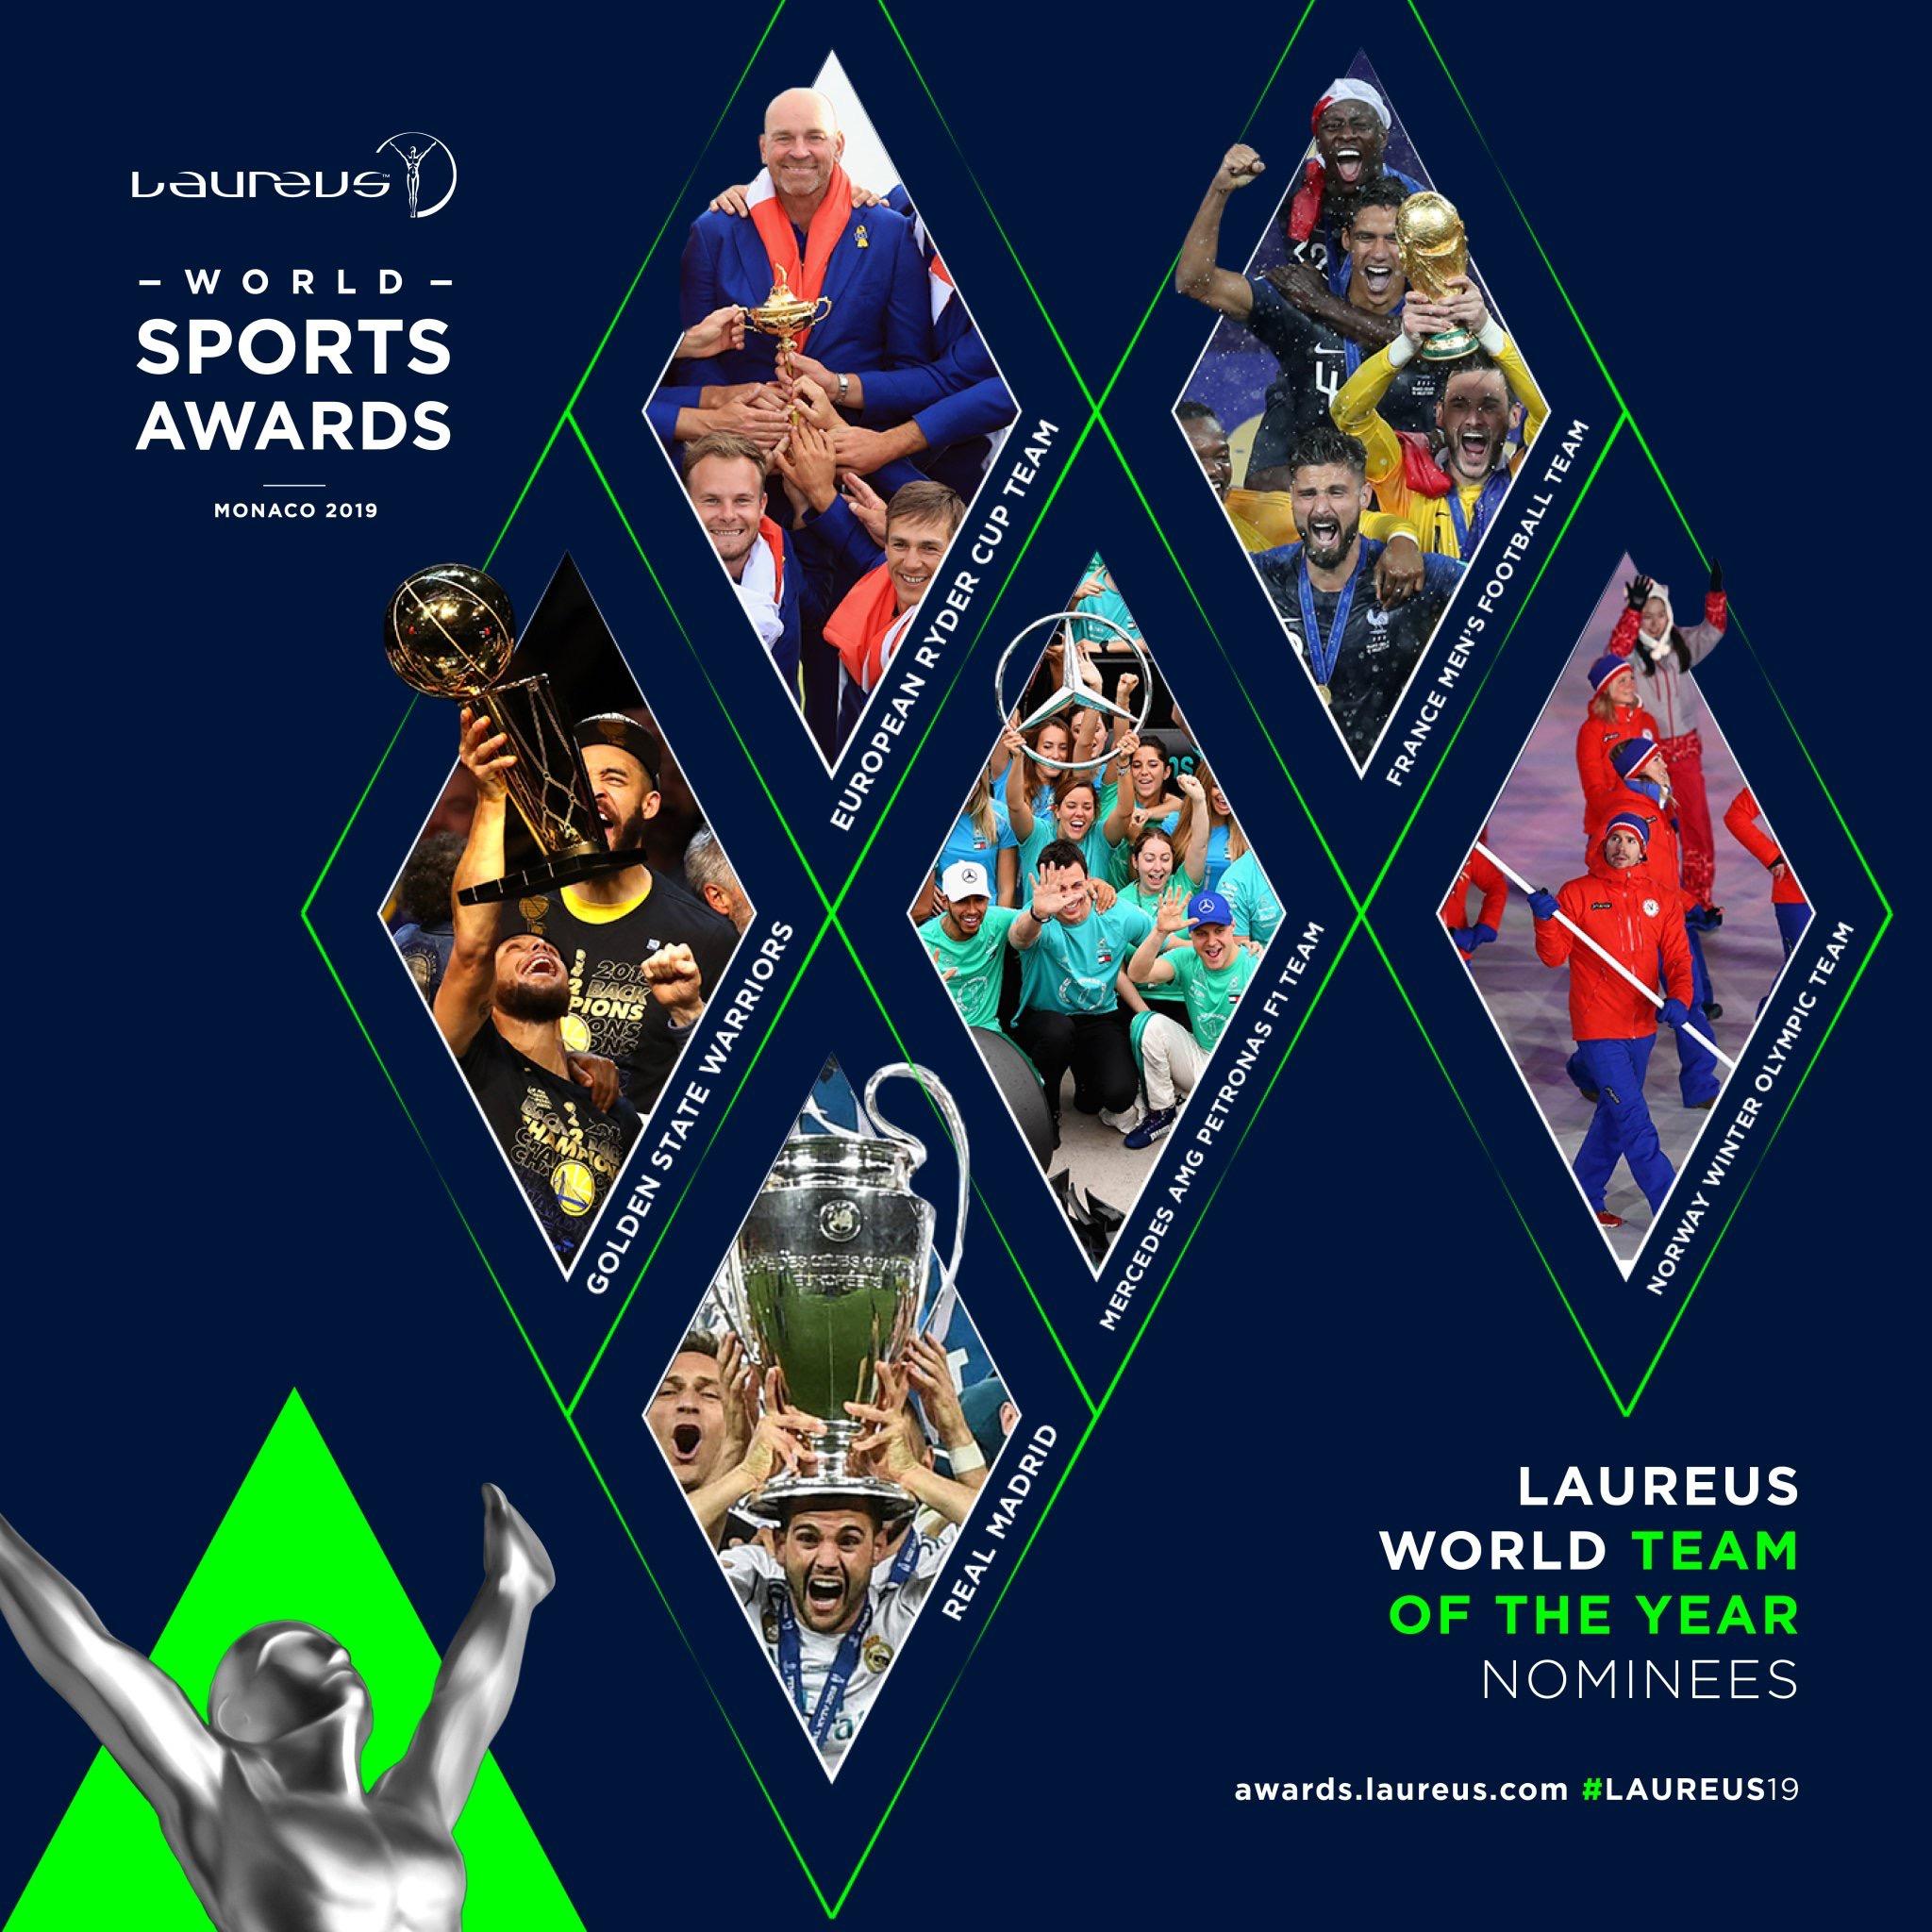 金州勇士队获得劳伦斯奖年度最佳体育团队提名